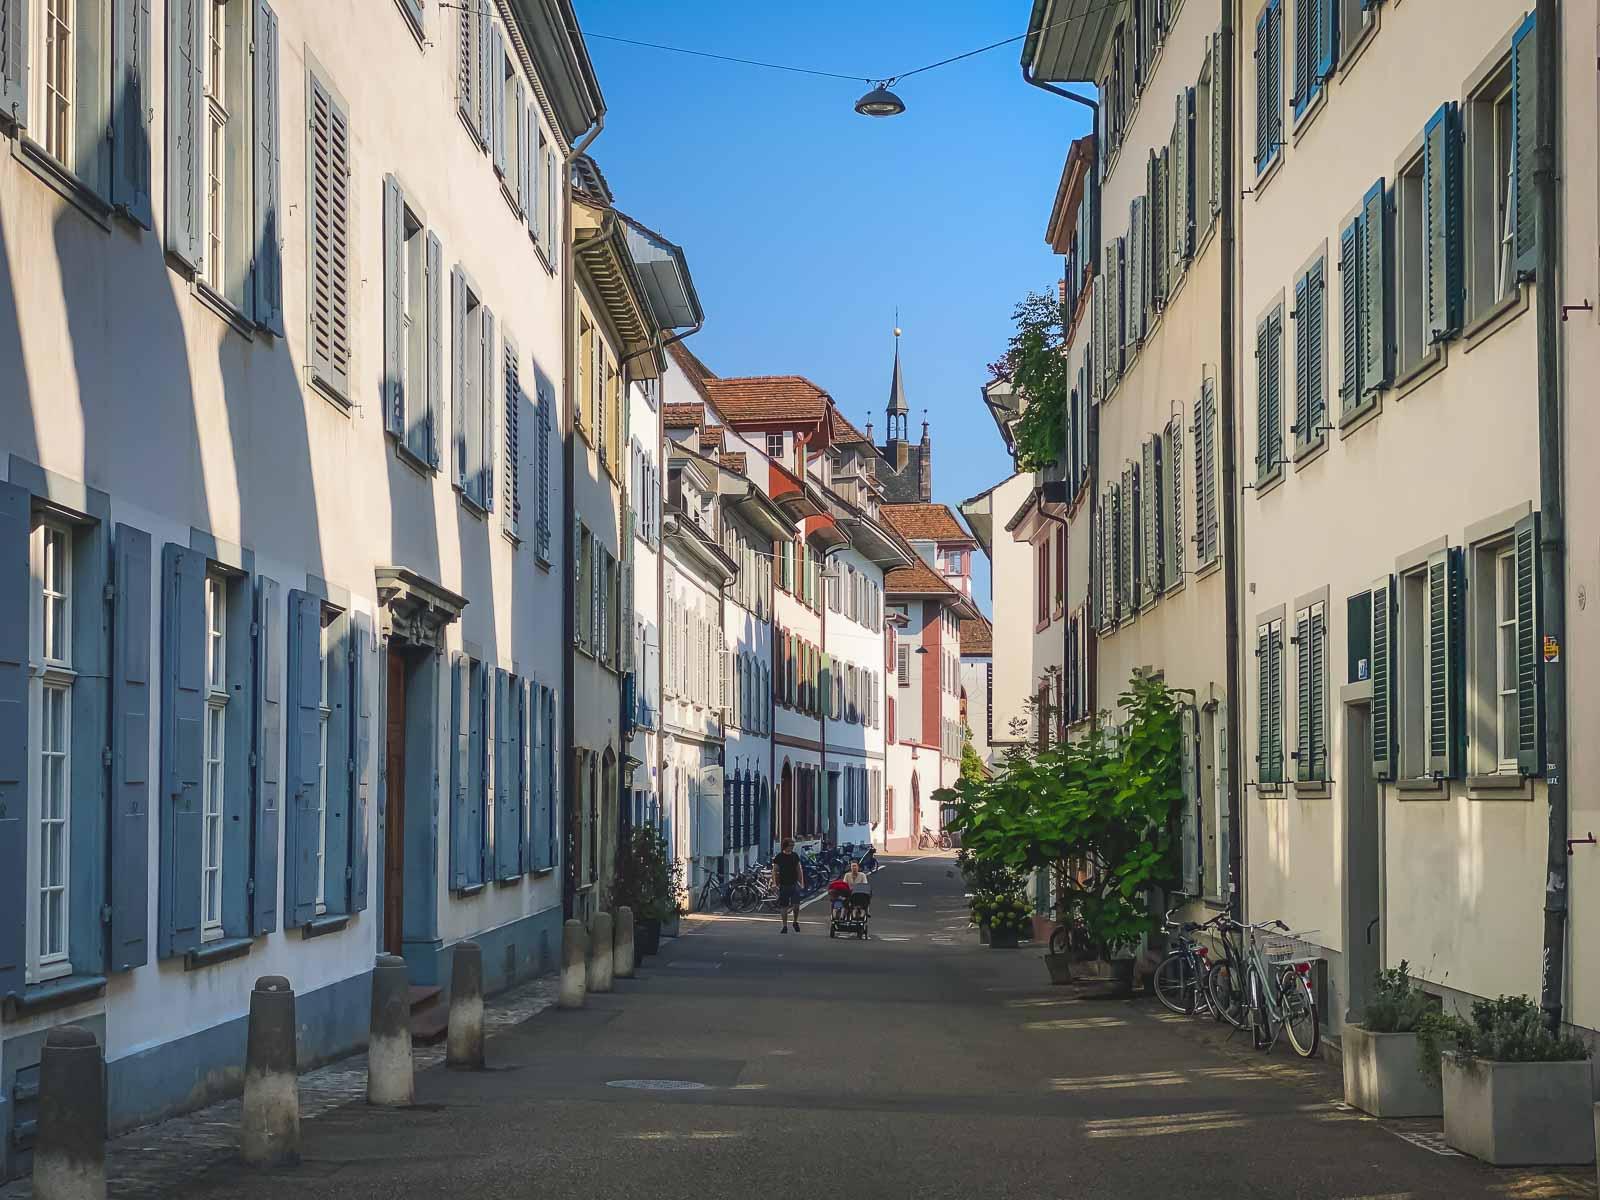 Walking Tour of Old Town Basel